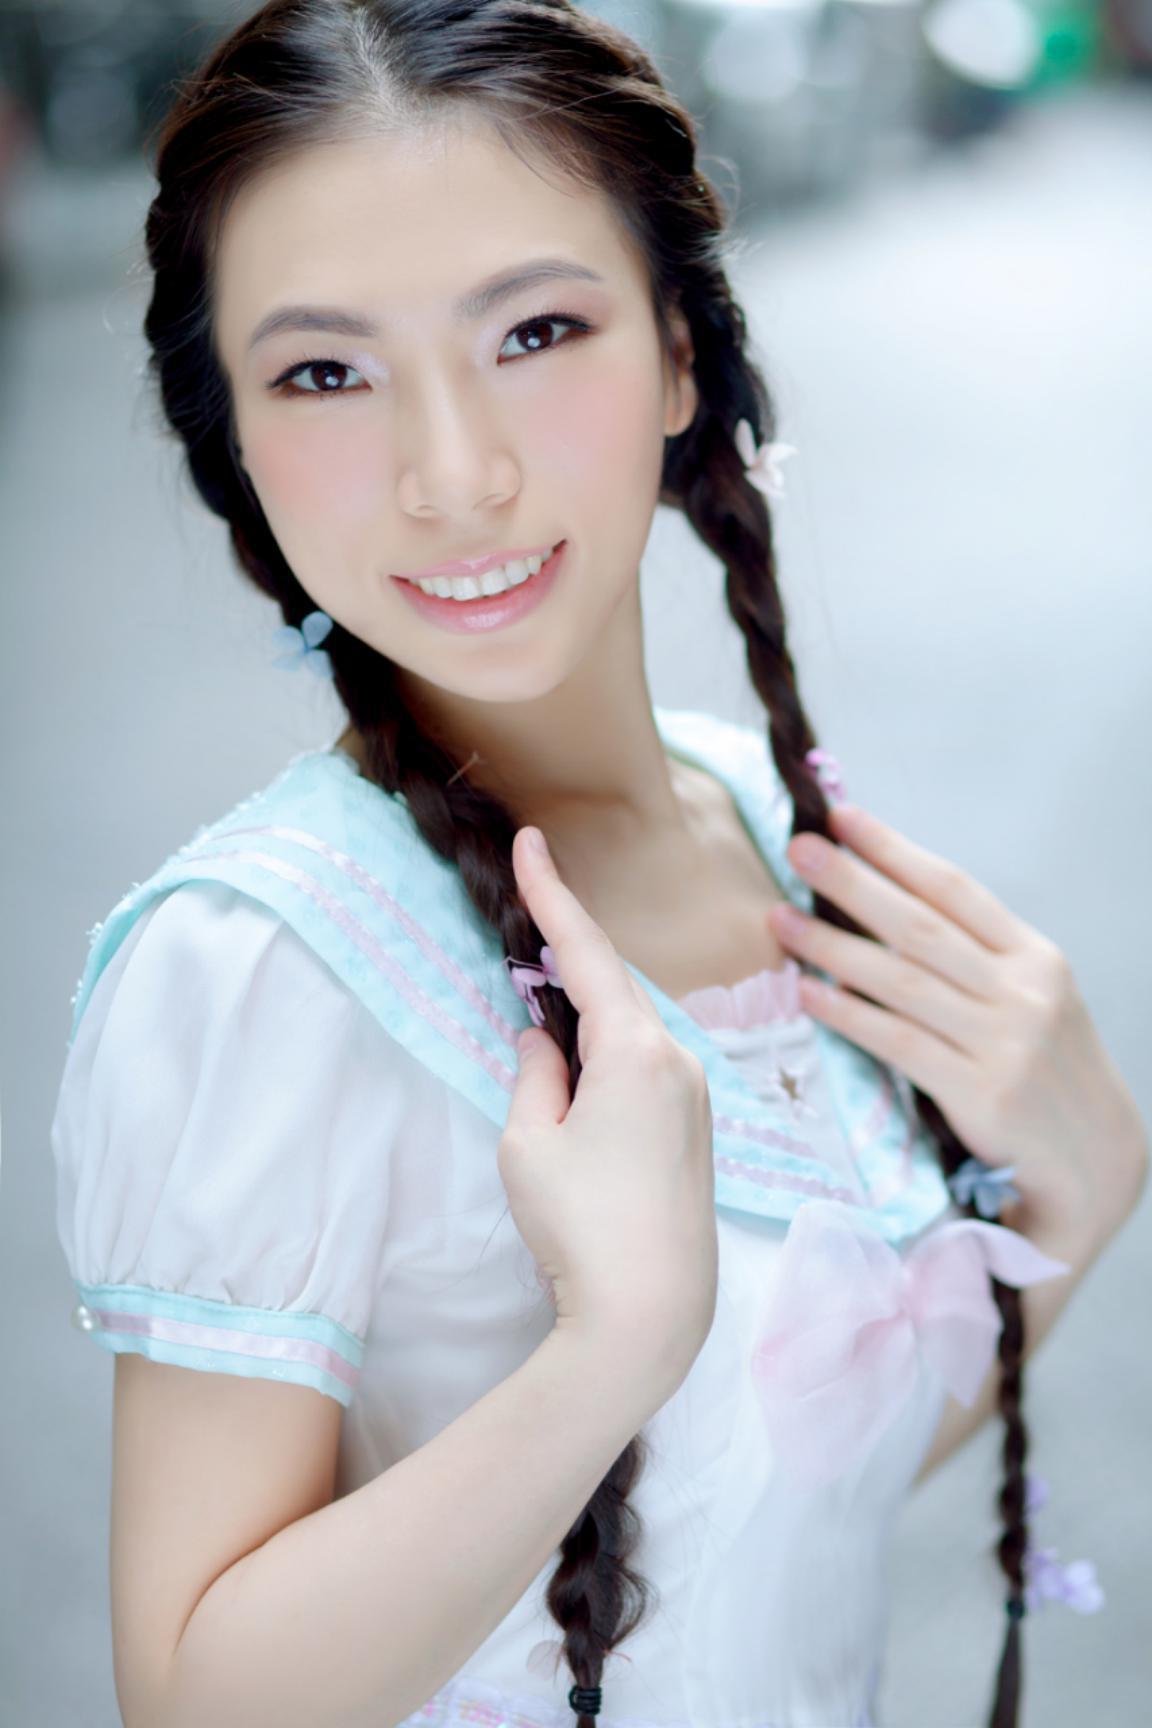 青年作曲家晏敏敏为歌手李丽量身打造励志歌《梦想与激情》